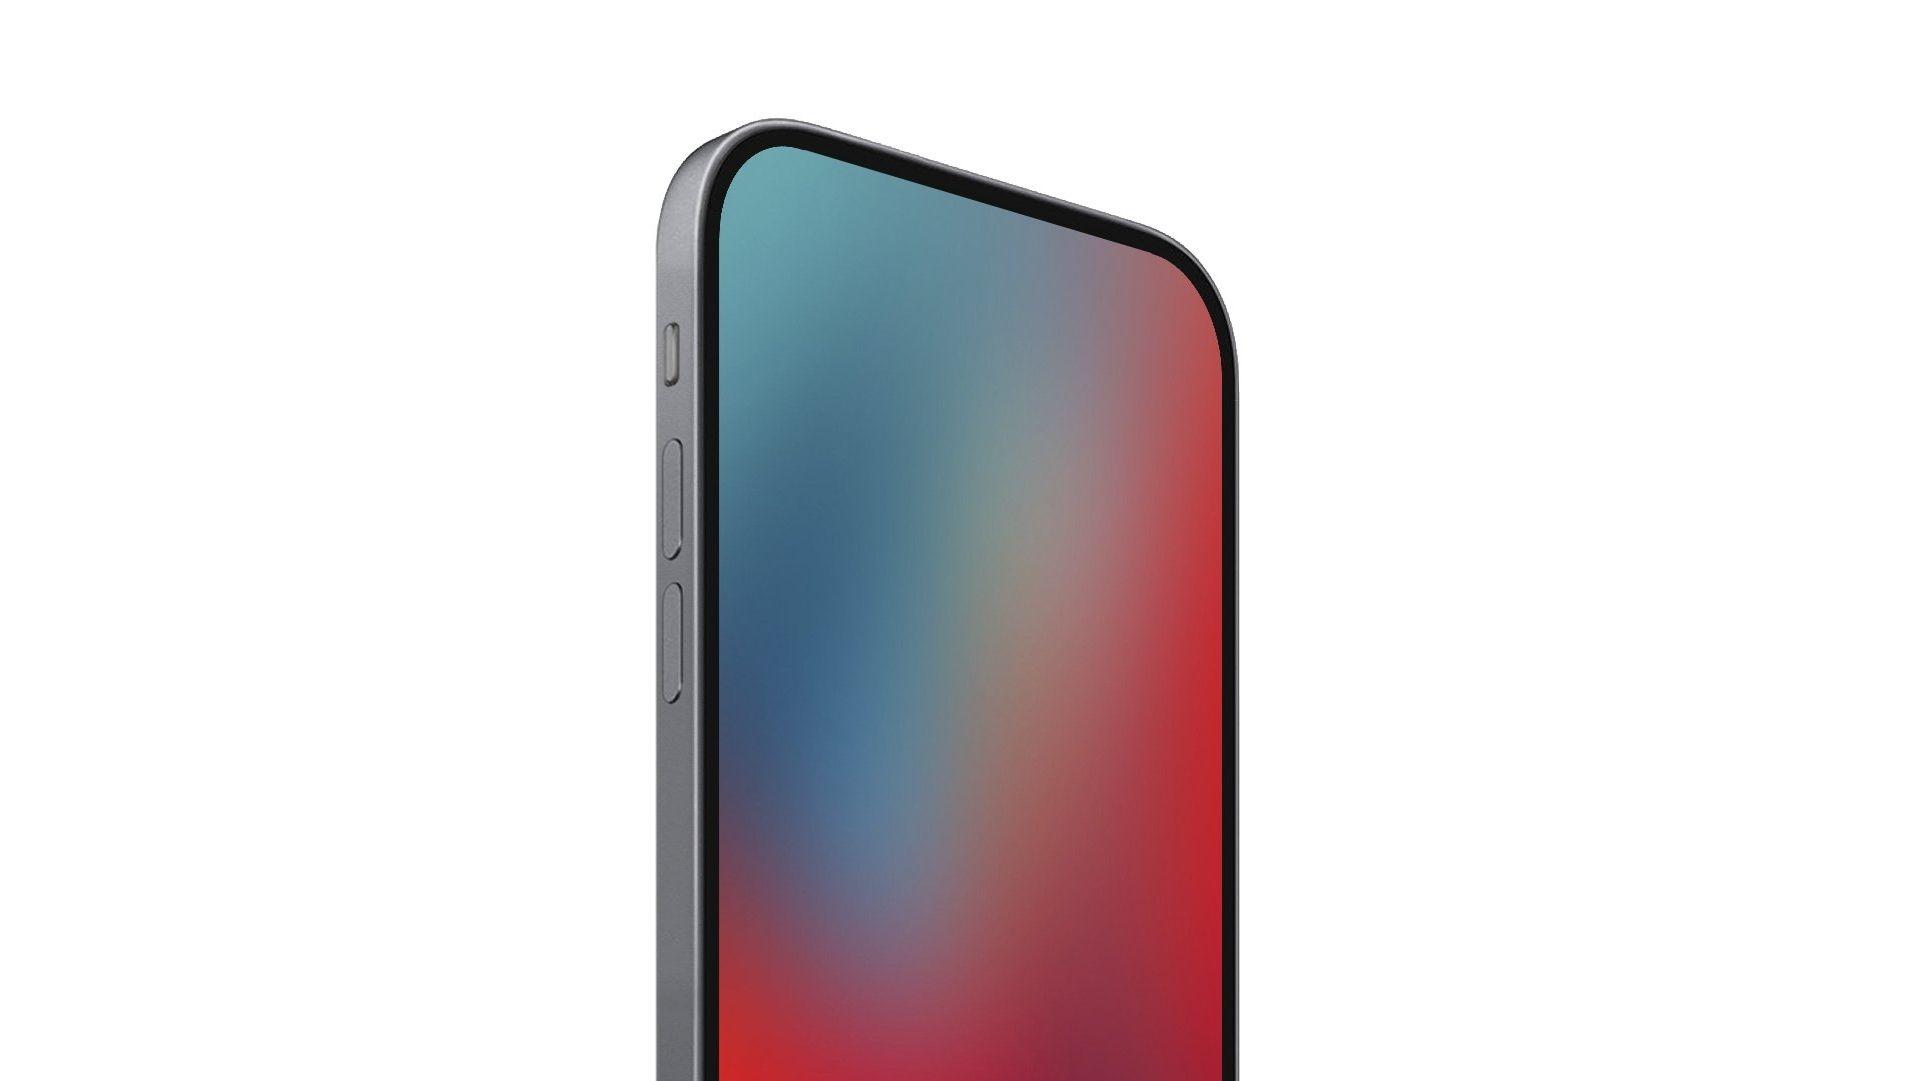 Idealny wygląd iPhone'a przyszłości pokazany na renderach